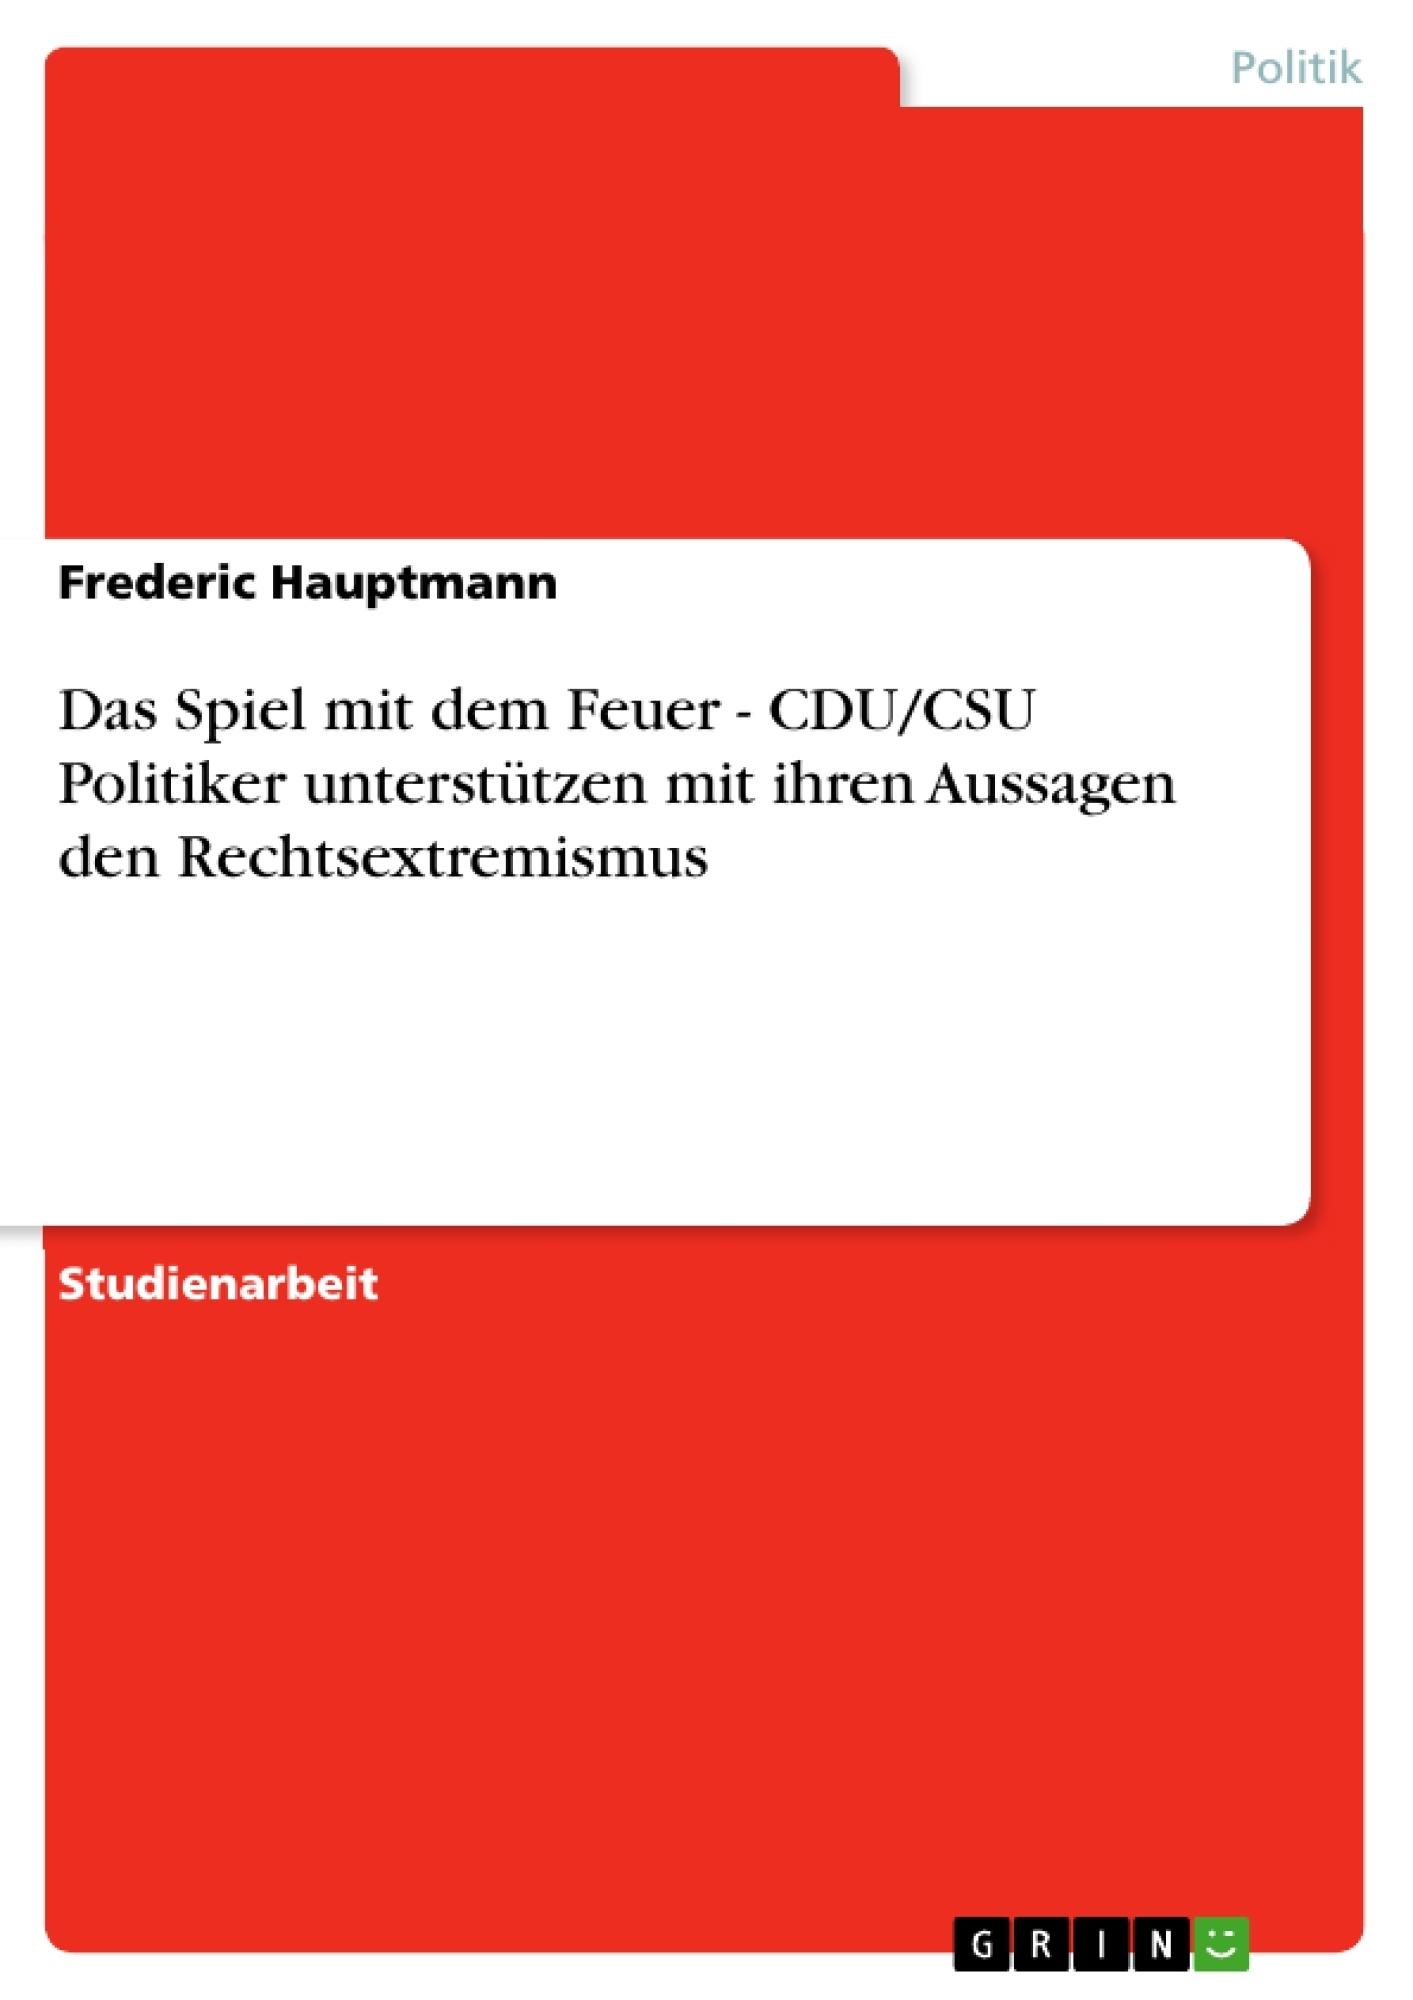 Titel: Das Spiel mit dem Feuer - CDU/CSU Politiker unterstützen mit ihren Aussagen den Rechtsextremismus